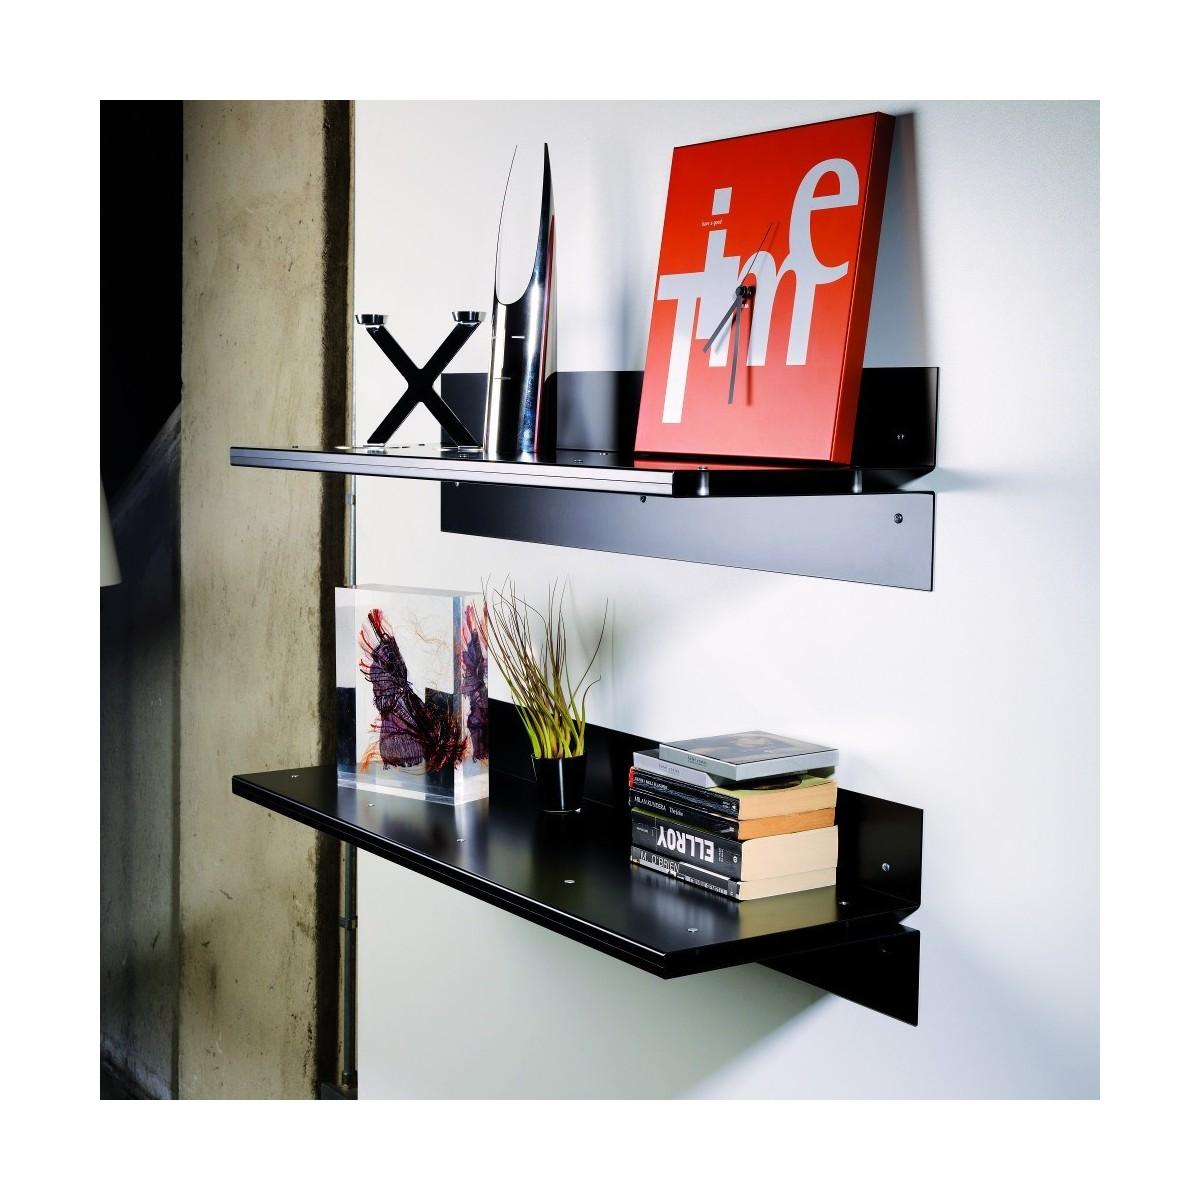 Mensole moderne design in legno metallo o vetro componibili e ...